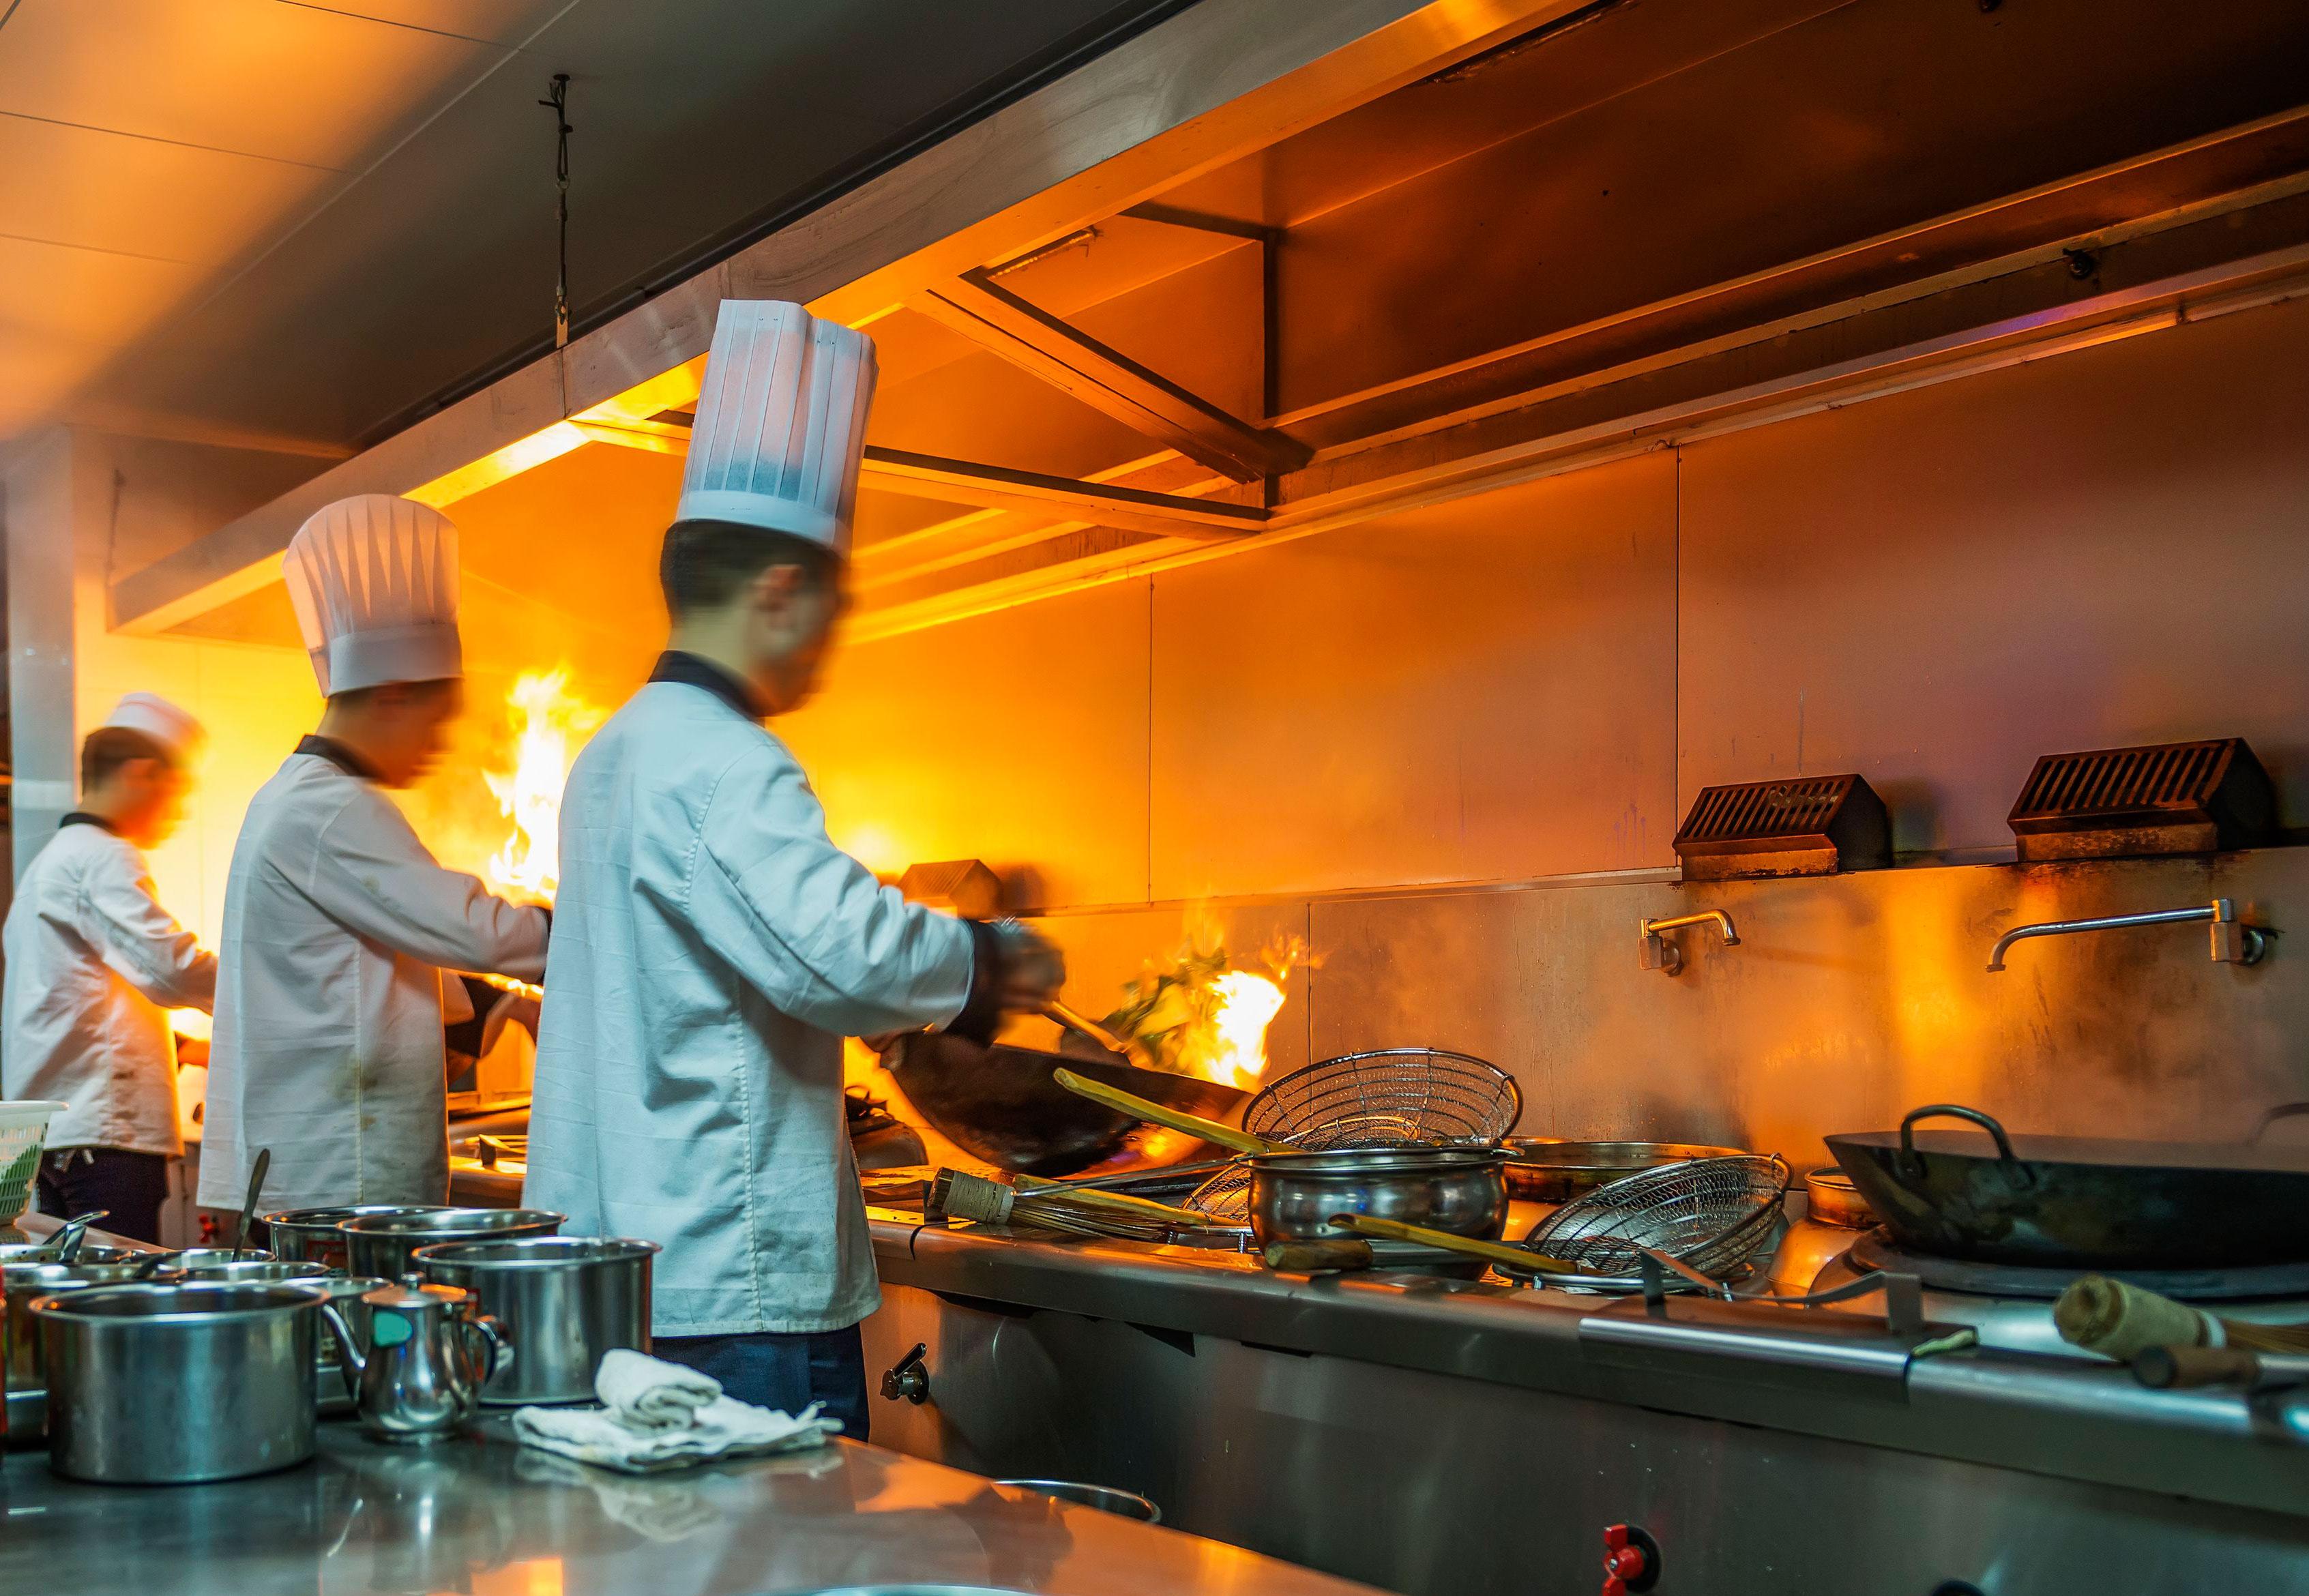 seguridad contra incendios para negocios de hostelería